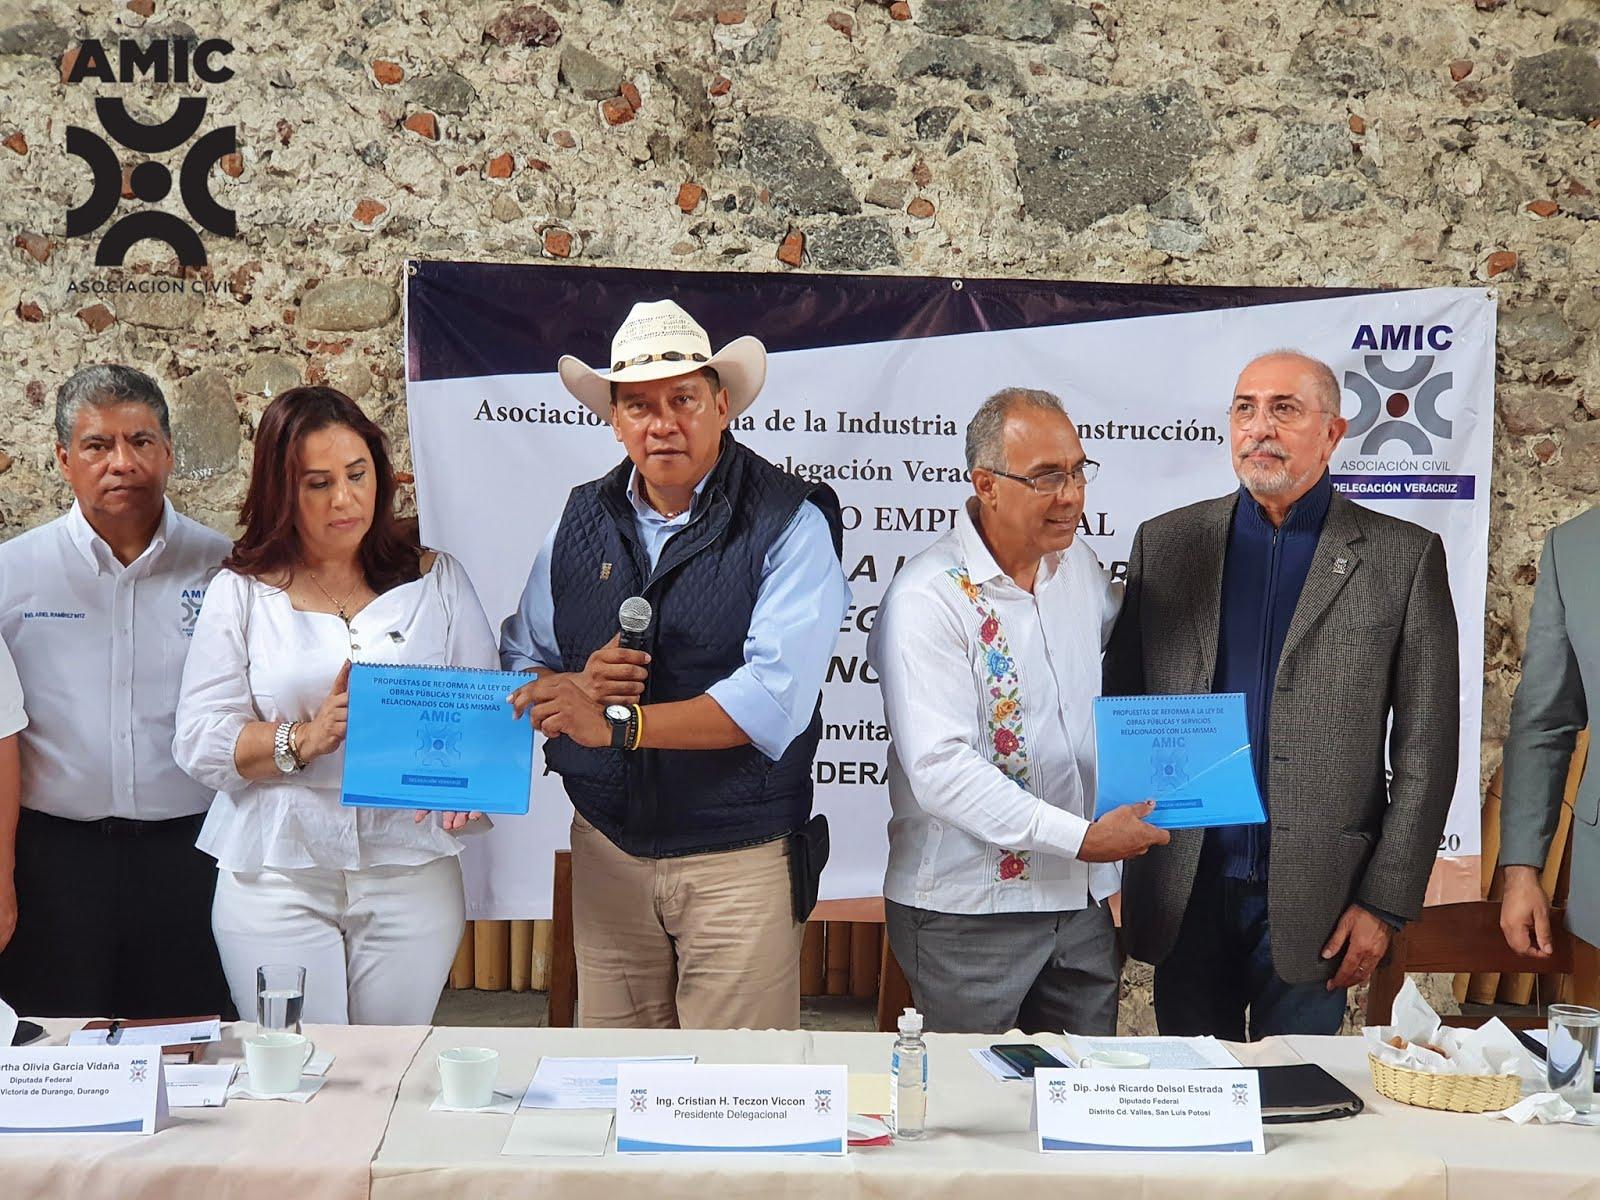 CRISTIAN TECZON SÍ PODRÍA SER PARTICIPANTE EN EL PROCESO ELECTORAL DE 2021